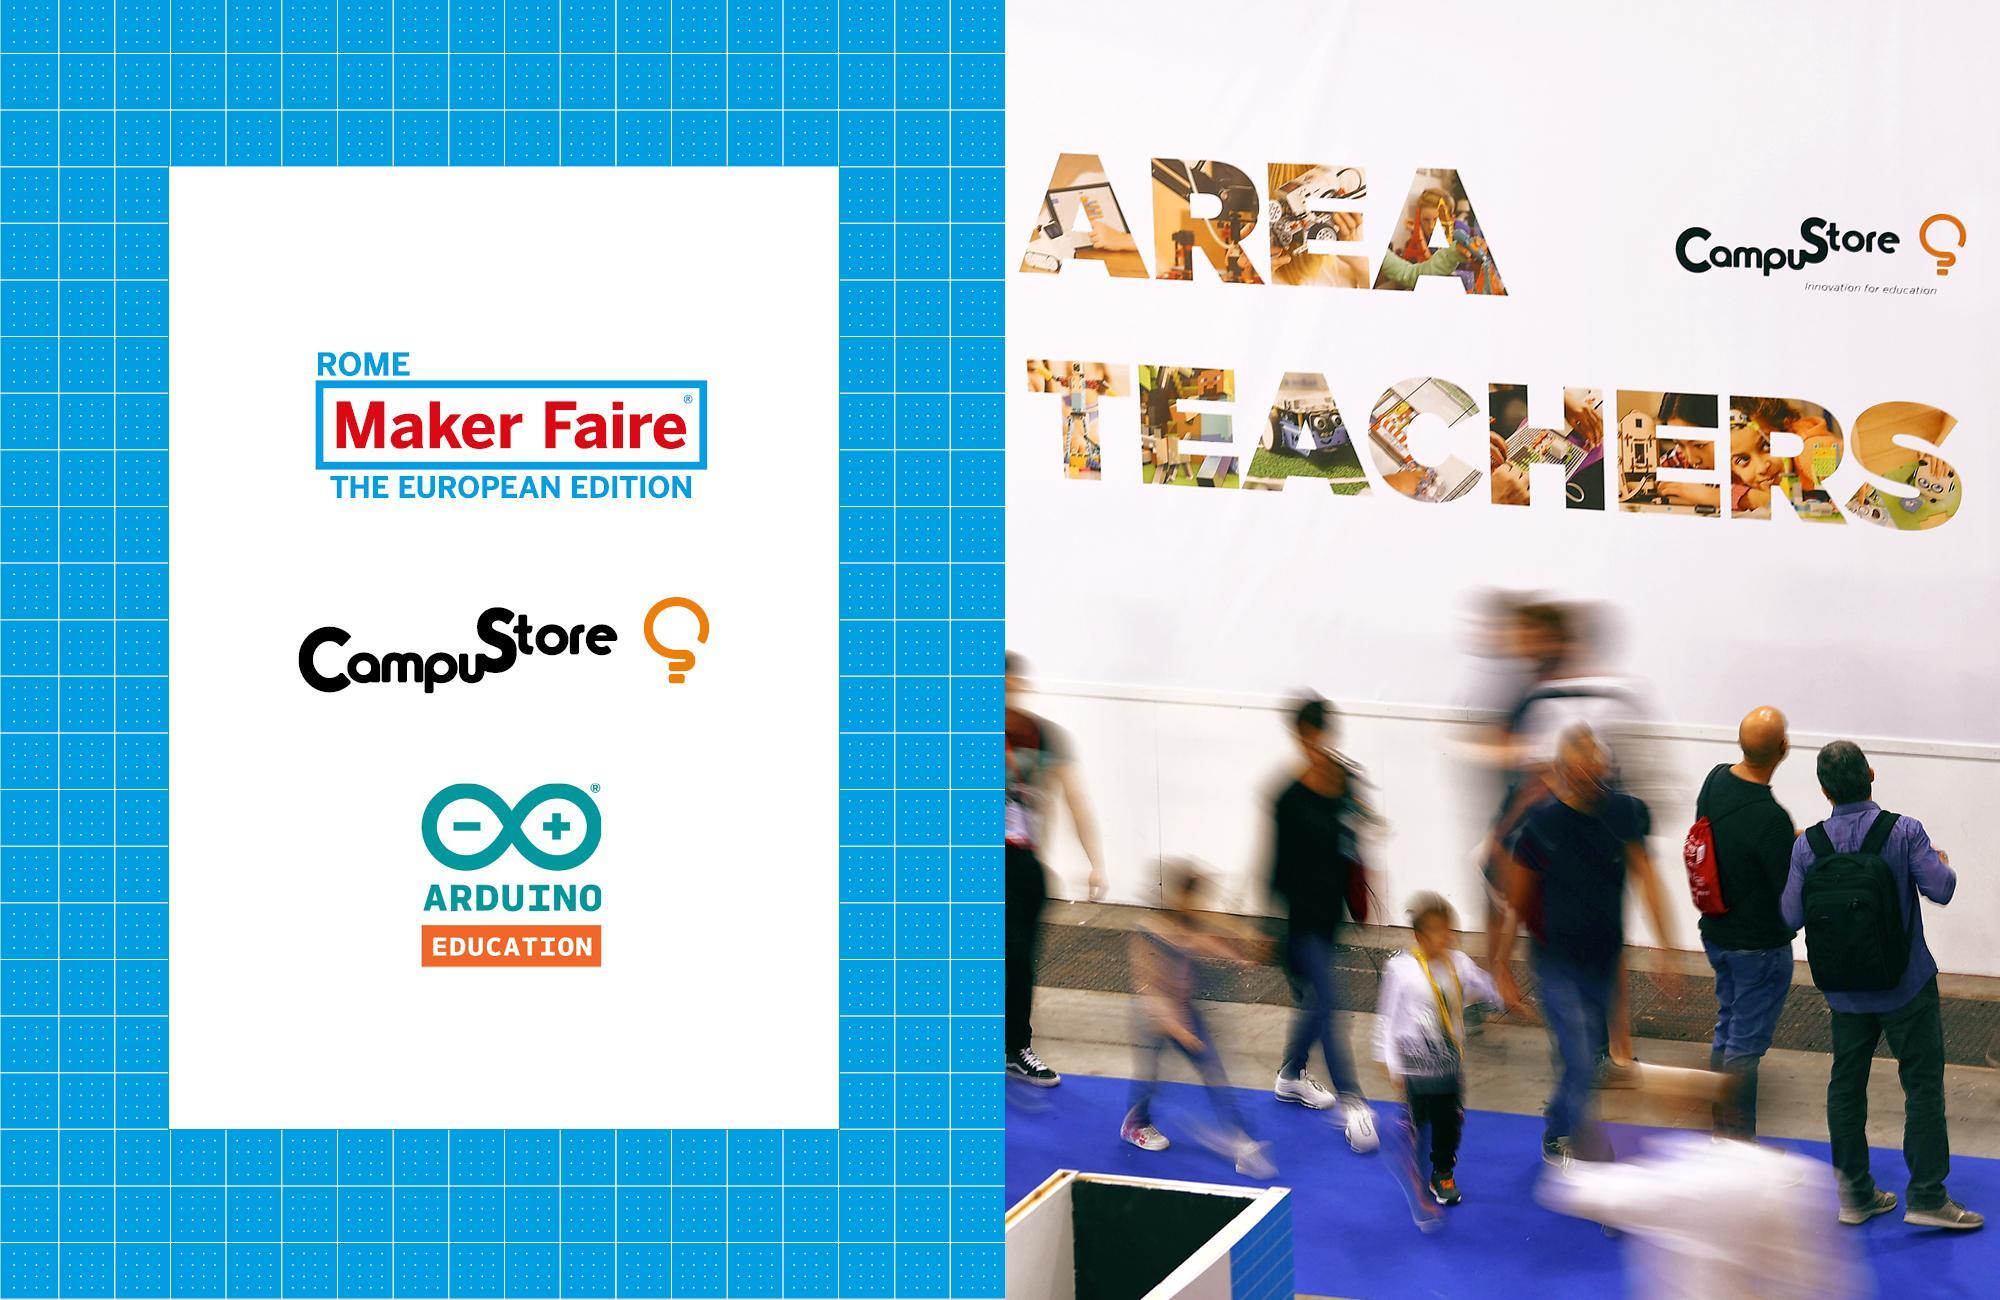 Emozionarsi con le STEAM: alla scoperta di Arduino Student kit